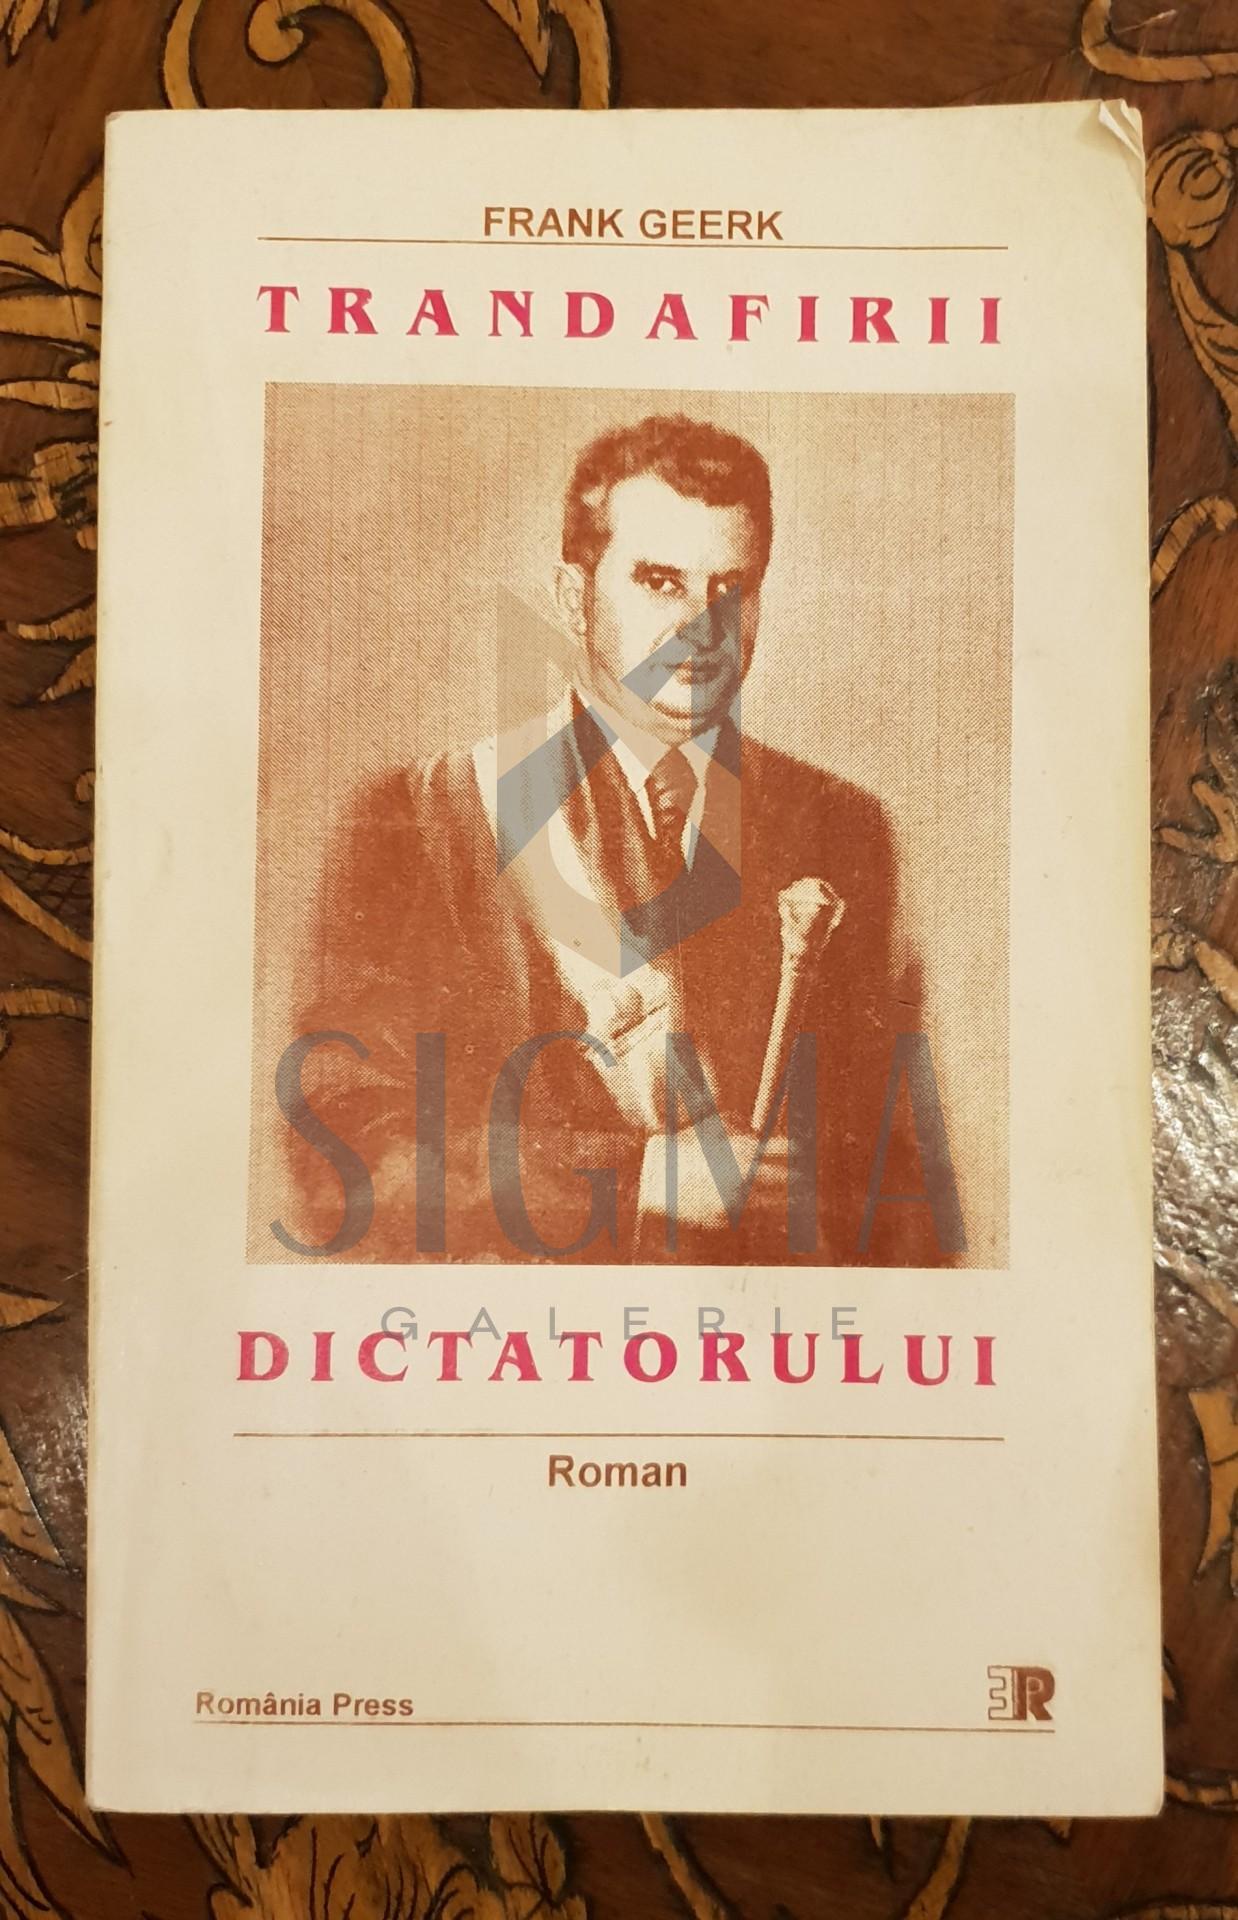 Trandafirii dictatorului Roman